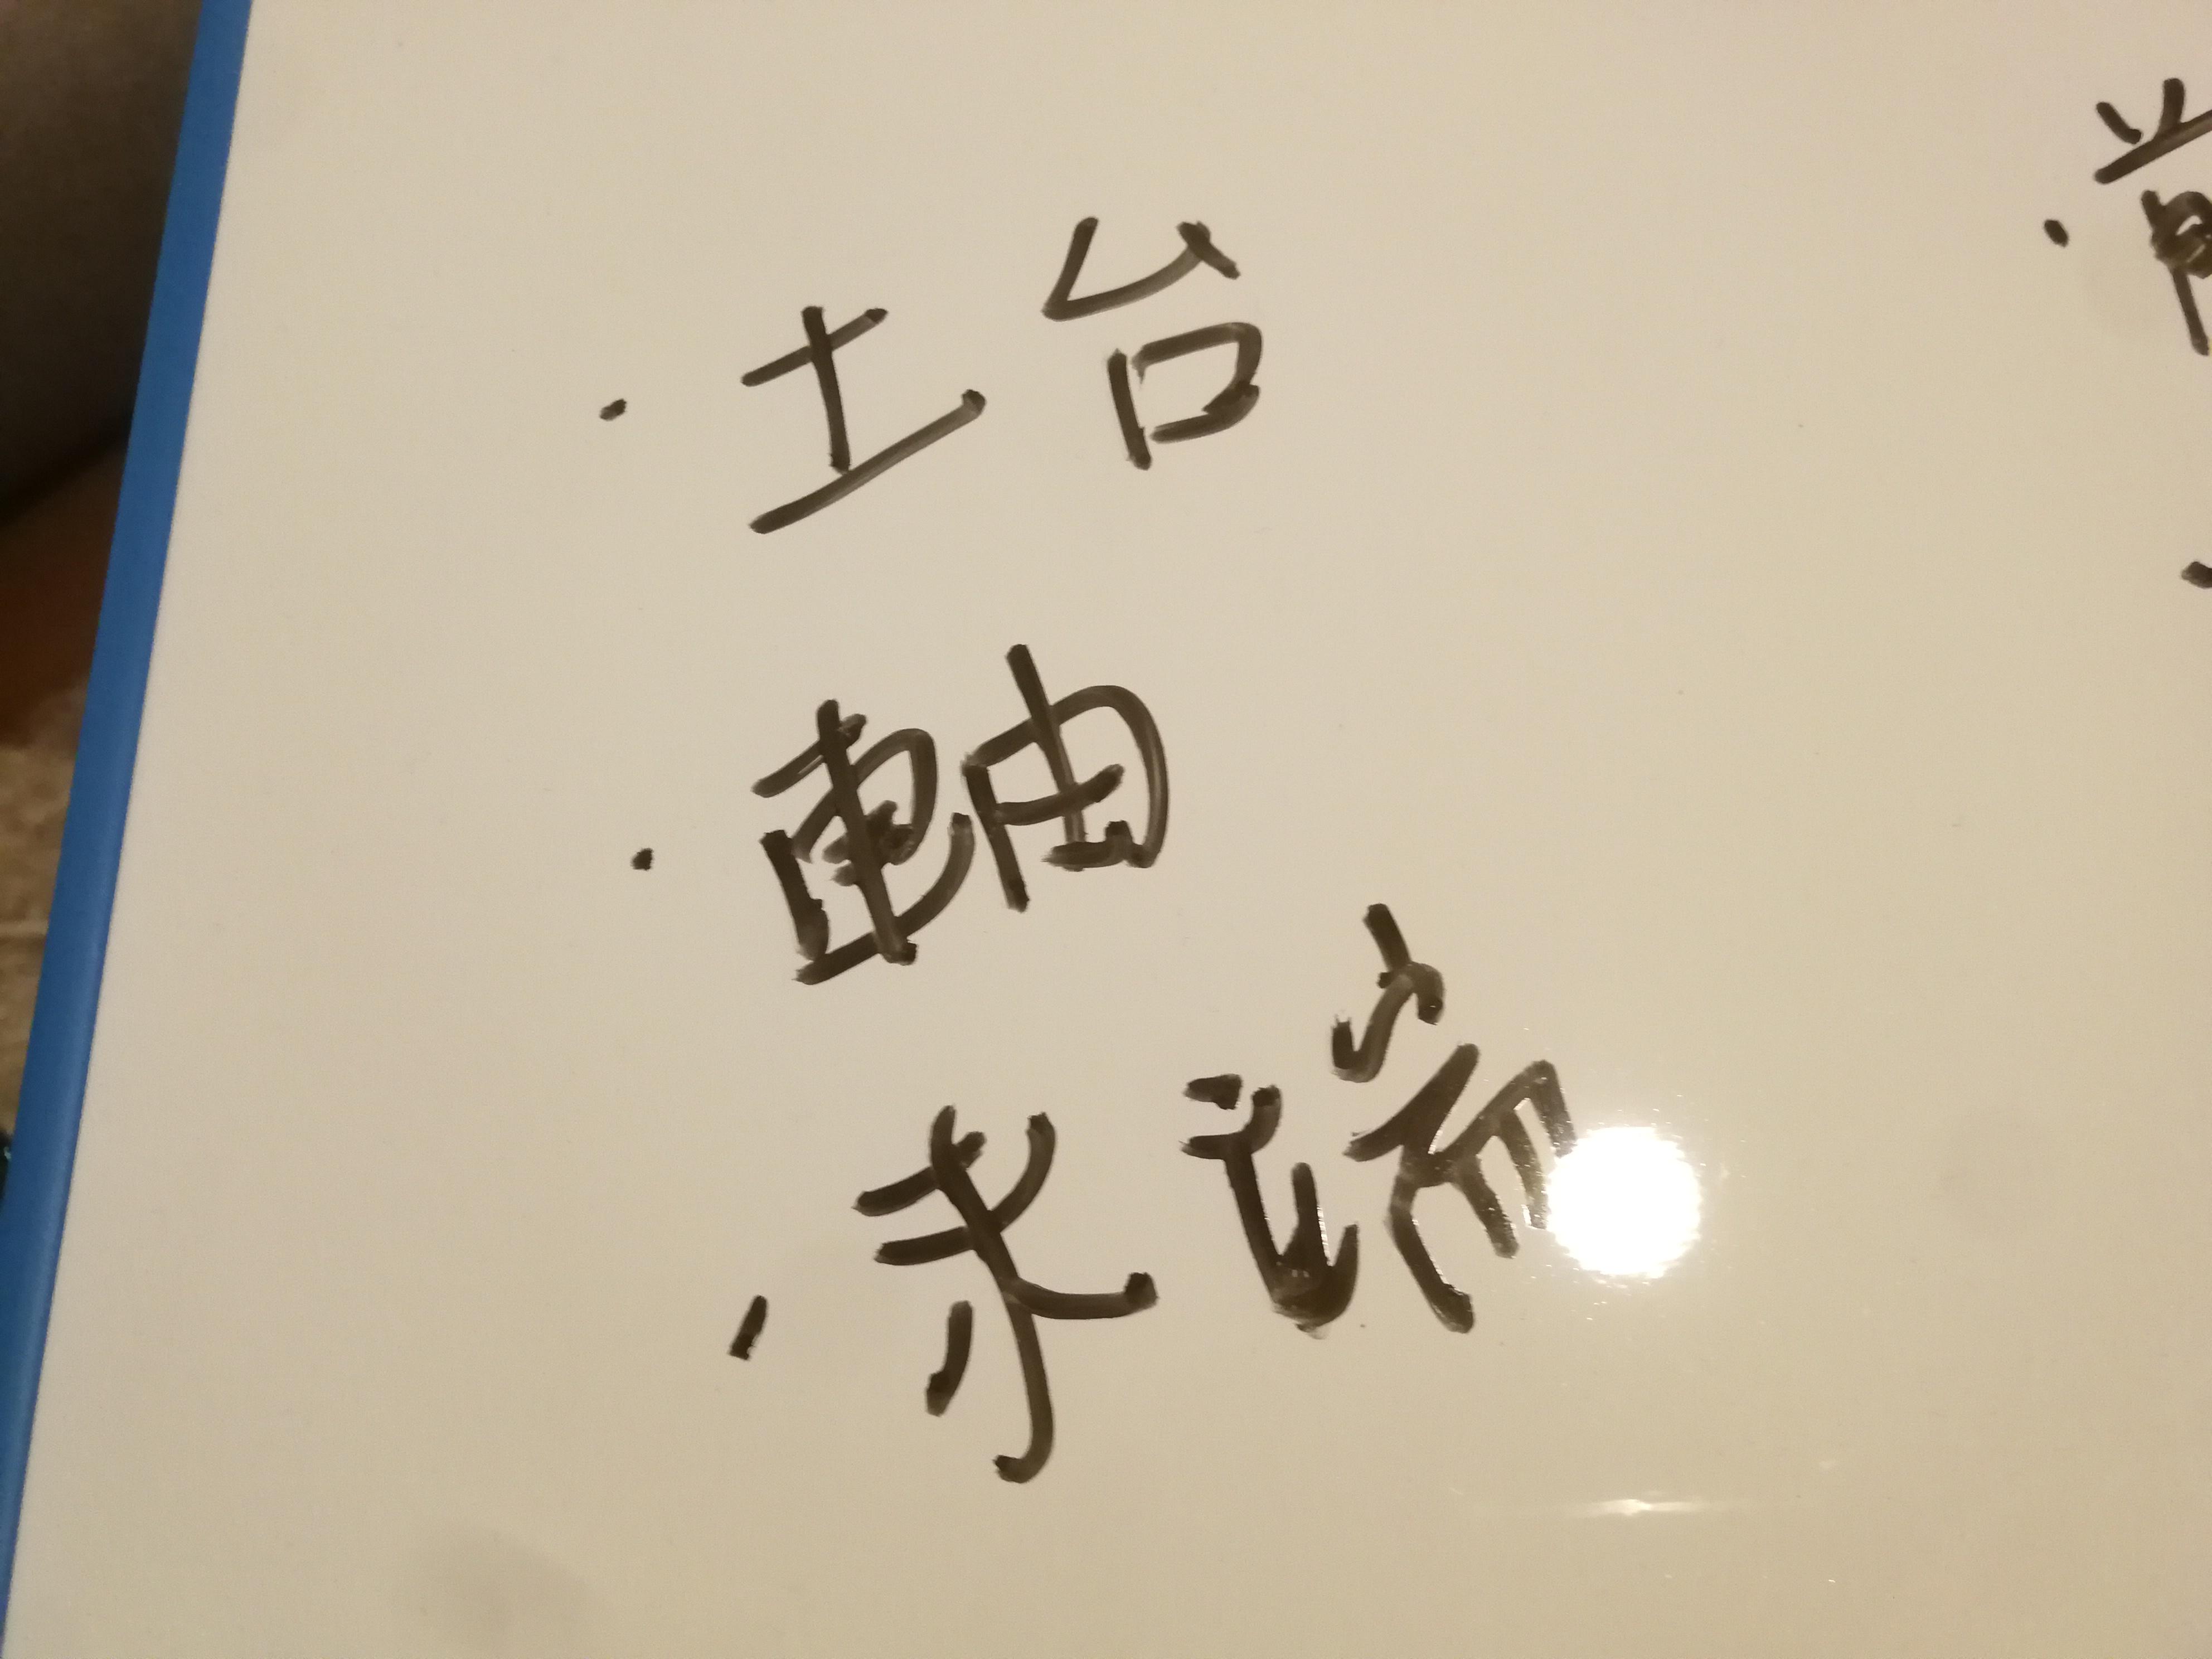 土台→軸→末端のじゅんばんがおすすめ